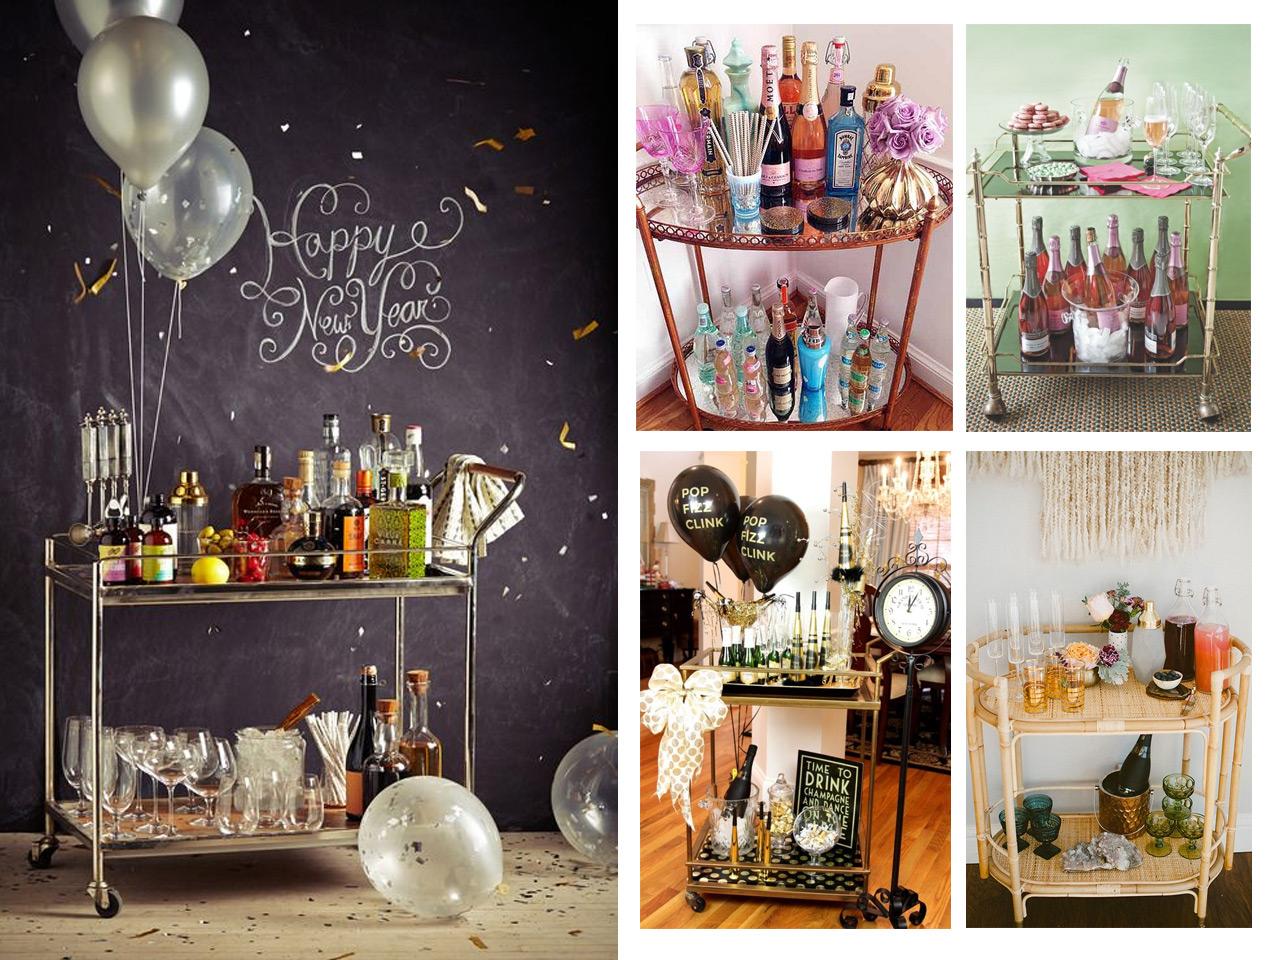 6 ideas brillantes de decoraci n para a o nuevo low cost - Ideas decoracion bar ...